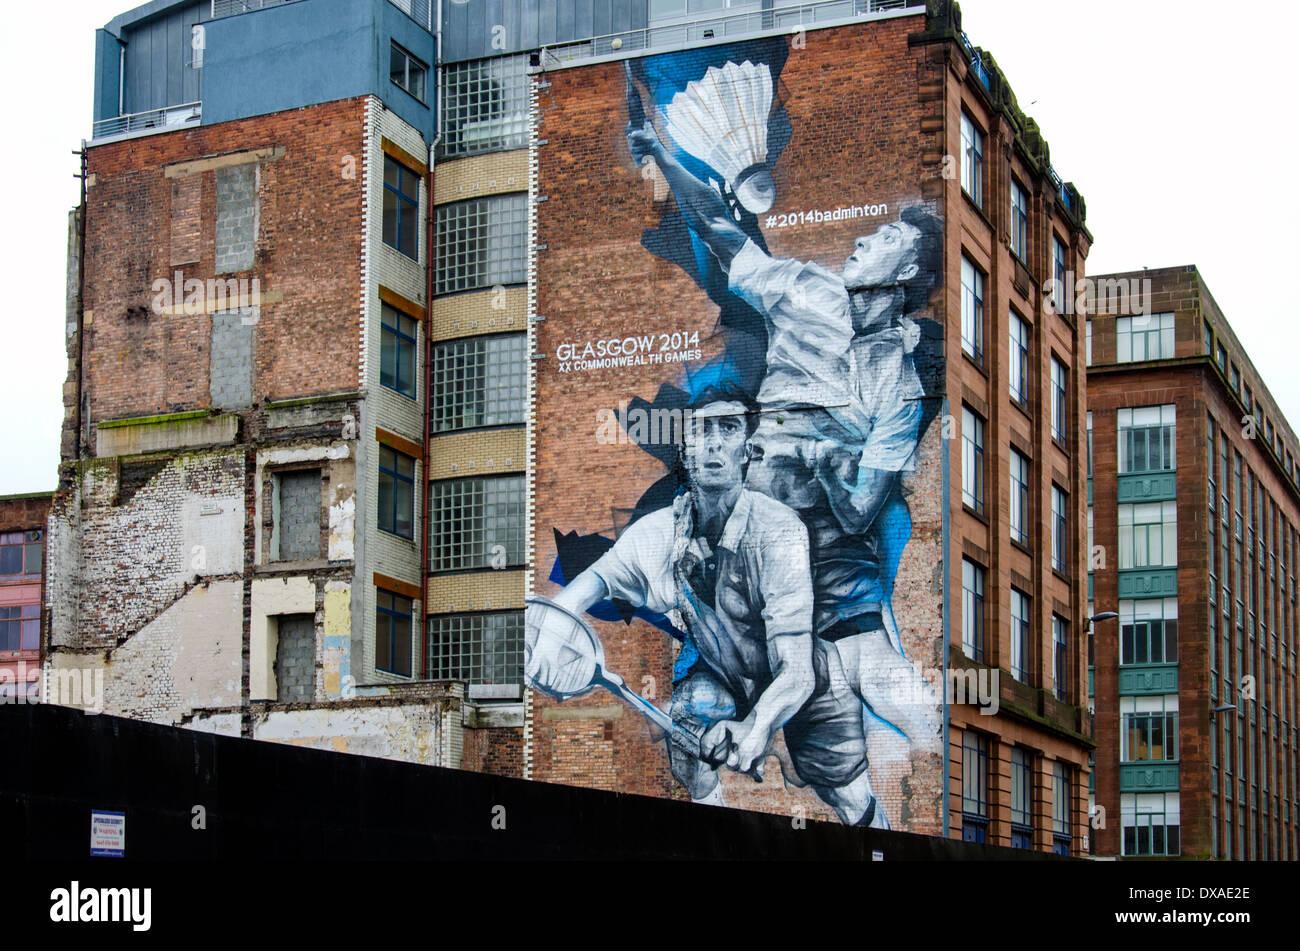 Un murale raffigurante due badminton giocatori su un edificio nel centro della città di Glasgow per la pubblicità delle 2014 Giochi del Commonwealth. Immagini Stock